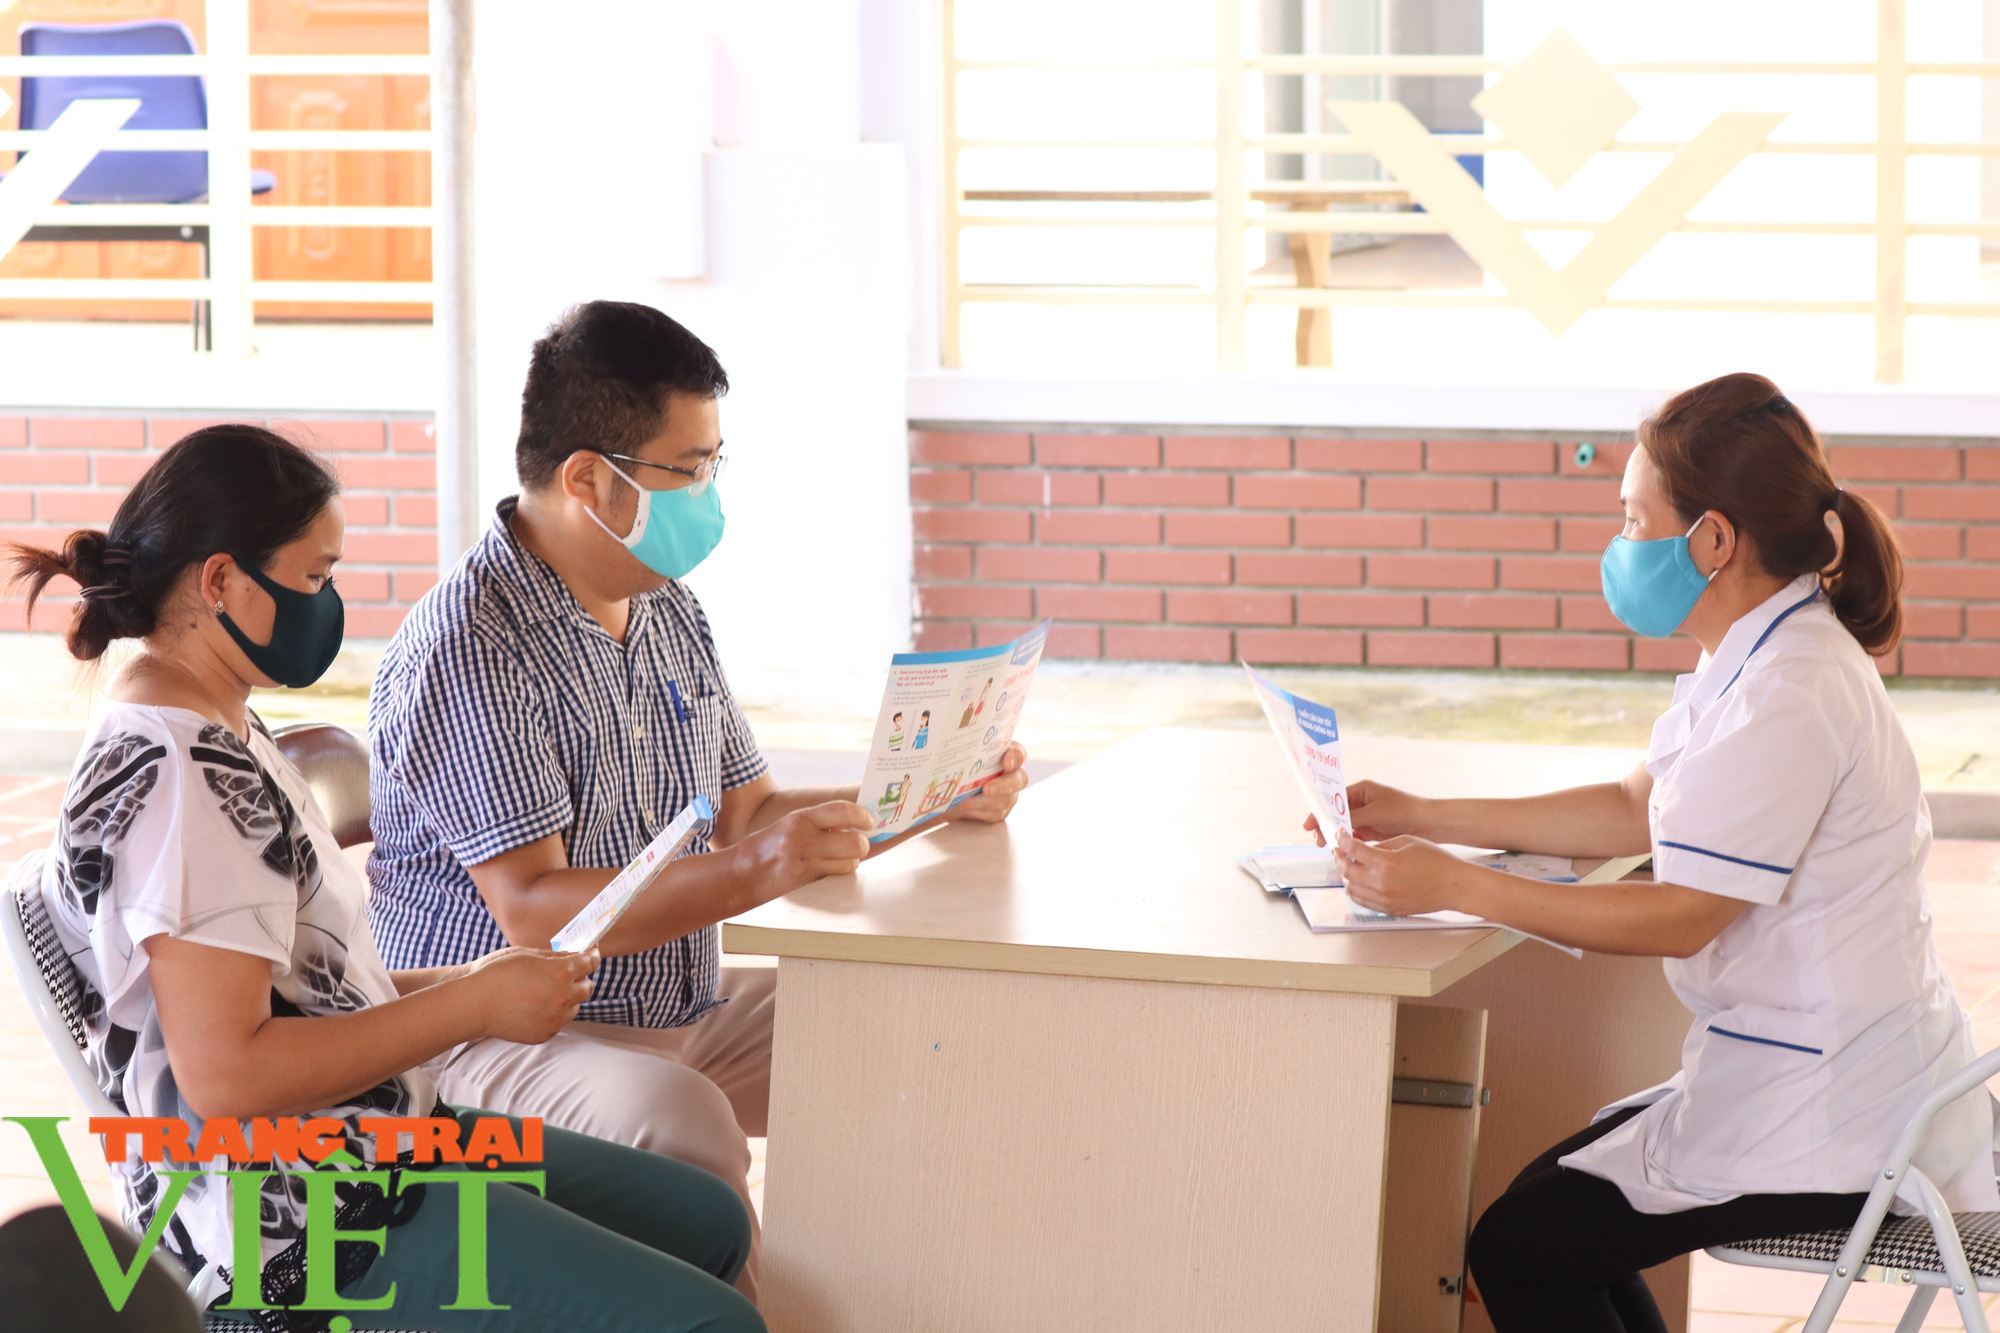 Trạm Y tế xã Huy Tân: Làm tốt công tác chăm sóc sức khoẻ cho người dân - Ảnh 5.